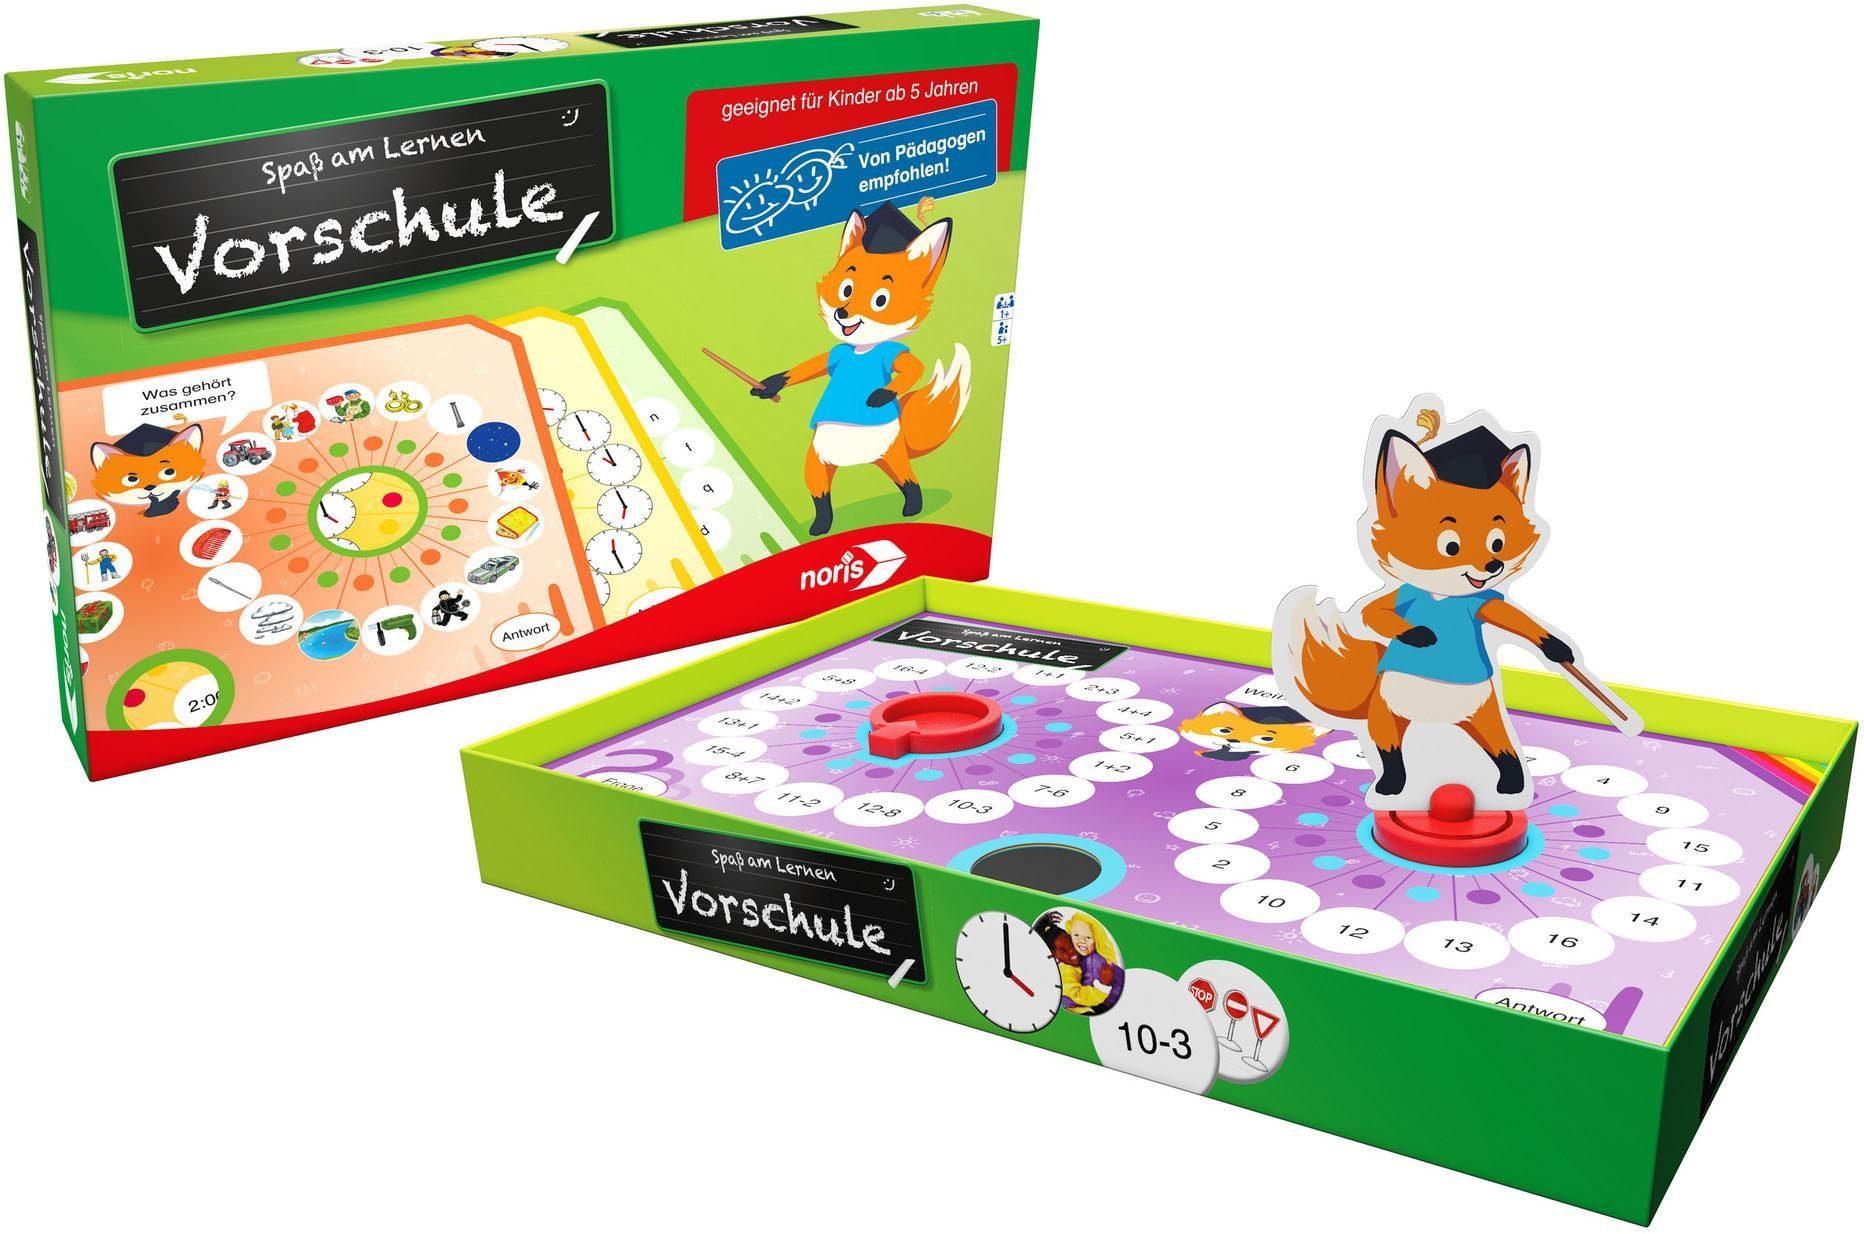 Noris Spiel, Spaß am Lernen - Vorschule bunt Kinder Ab 3-5 Jahren Altersempfehlung Spiele